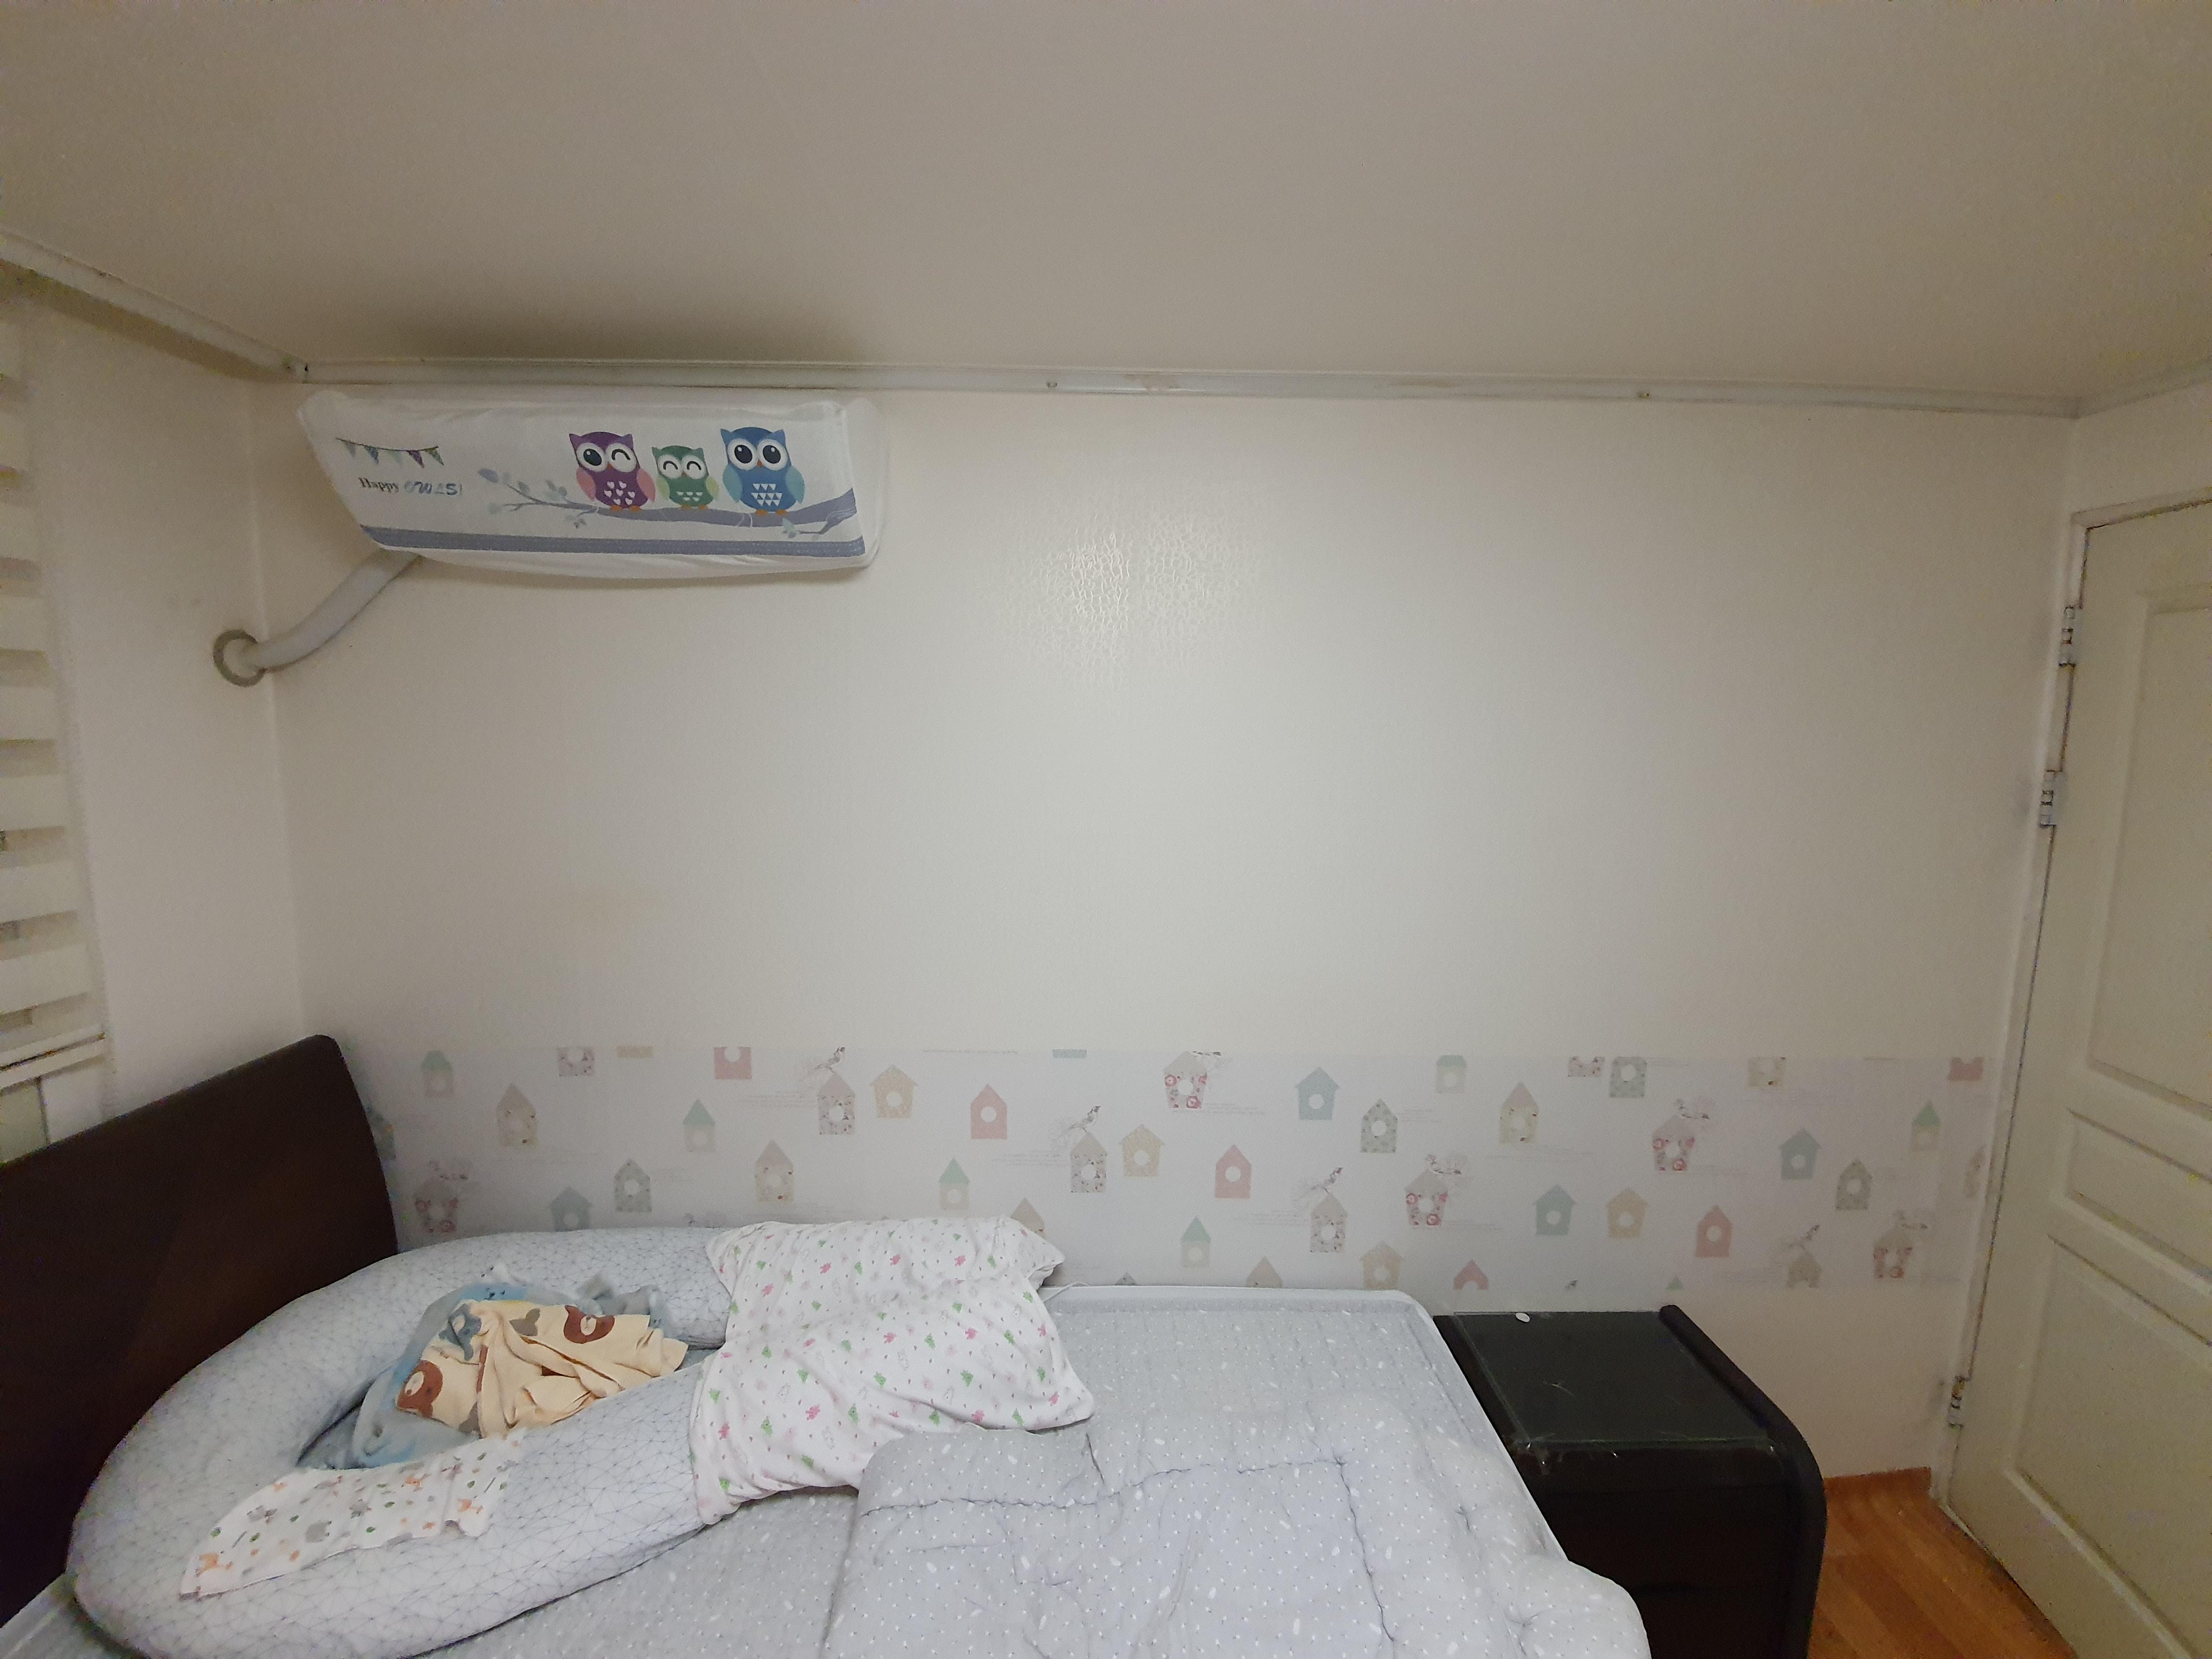 안방에 시트지를 발랐다 : 벽이 더러워진걸 가리기 위해